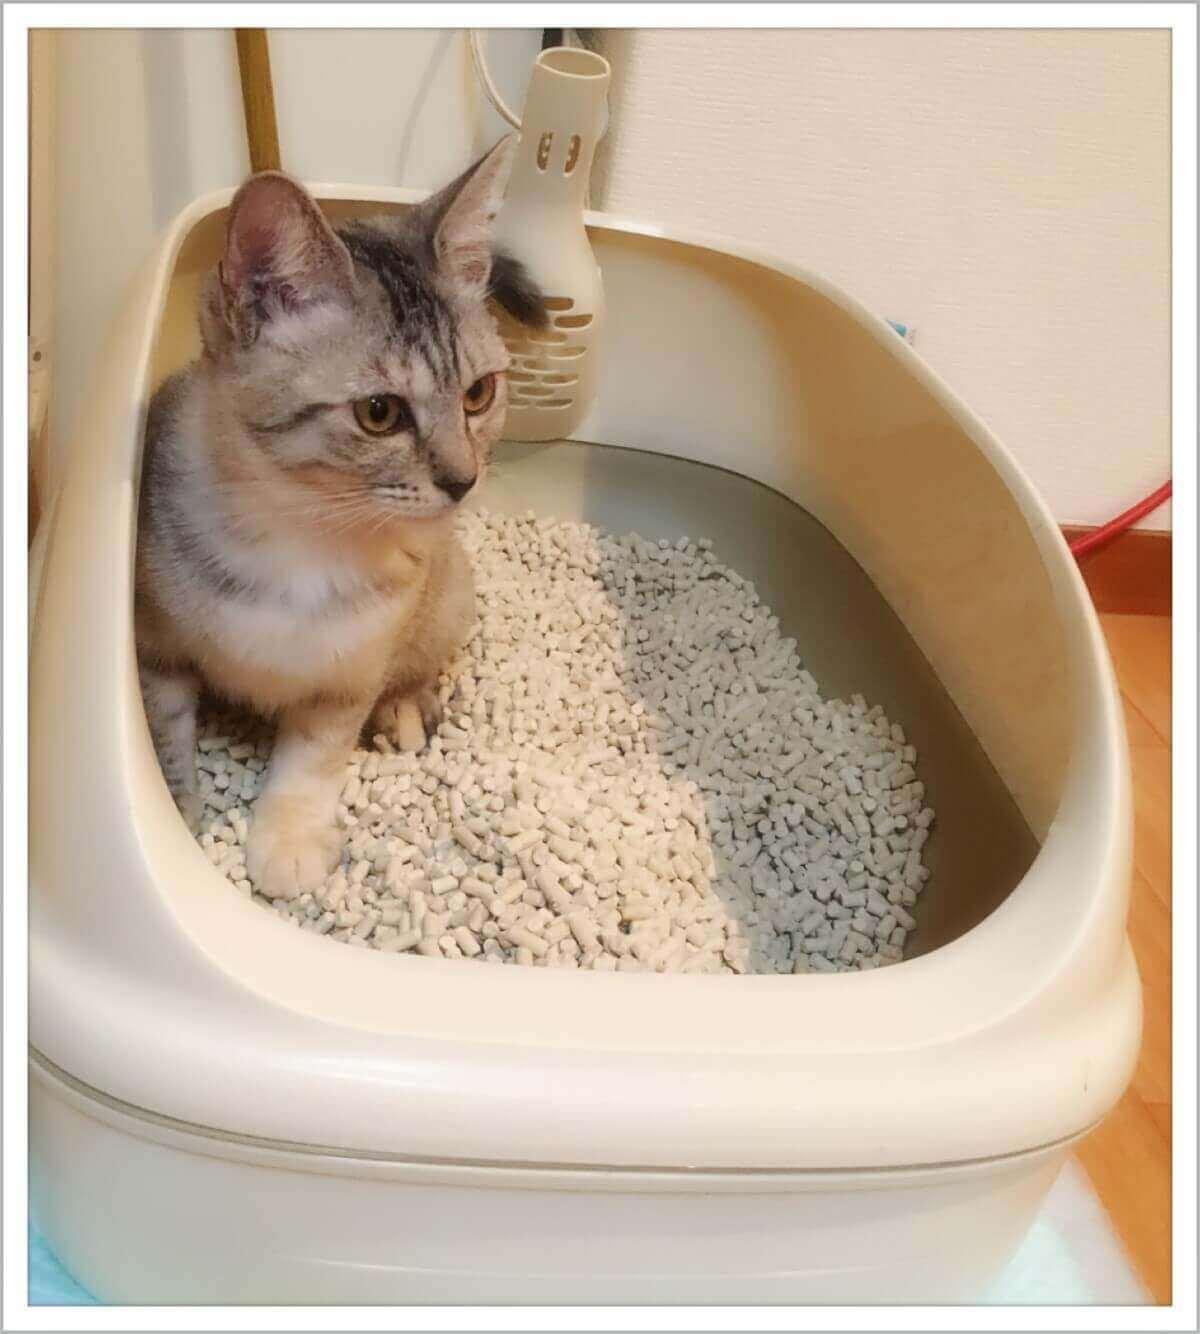 猫のトイレの捨て方は?本体や猫砂などトイレ用品ごとに解説